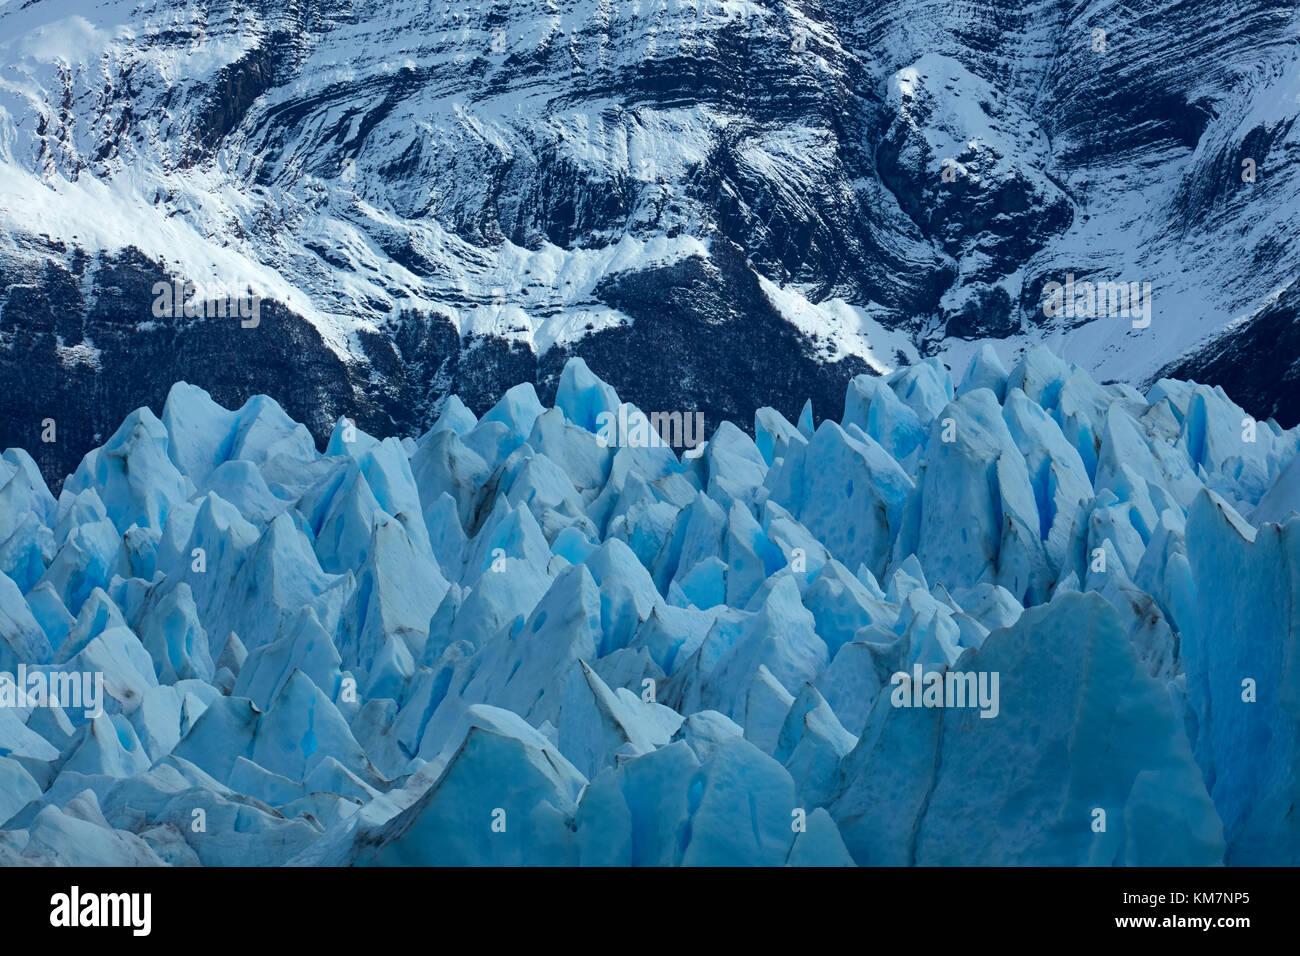 Terminal face of Perito Moreno Glacier, Parque Nacional Los Glaciares (World Heritage Area), Patagonia, Argentina, - Stock Image